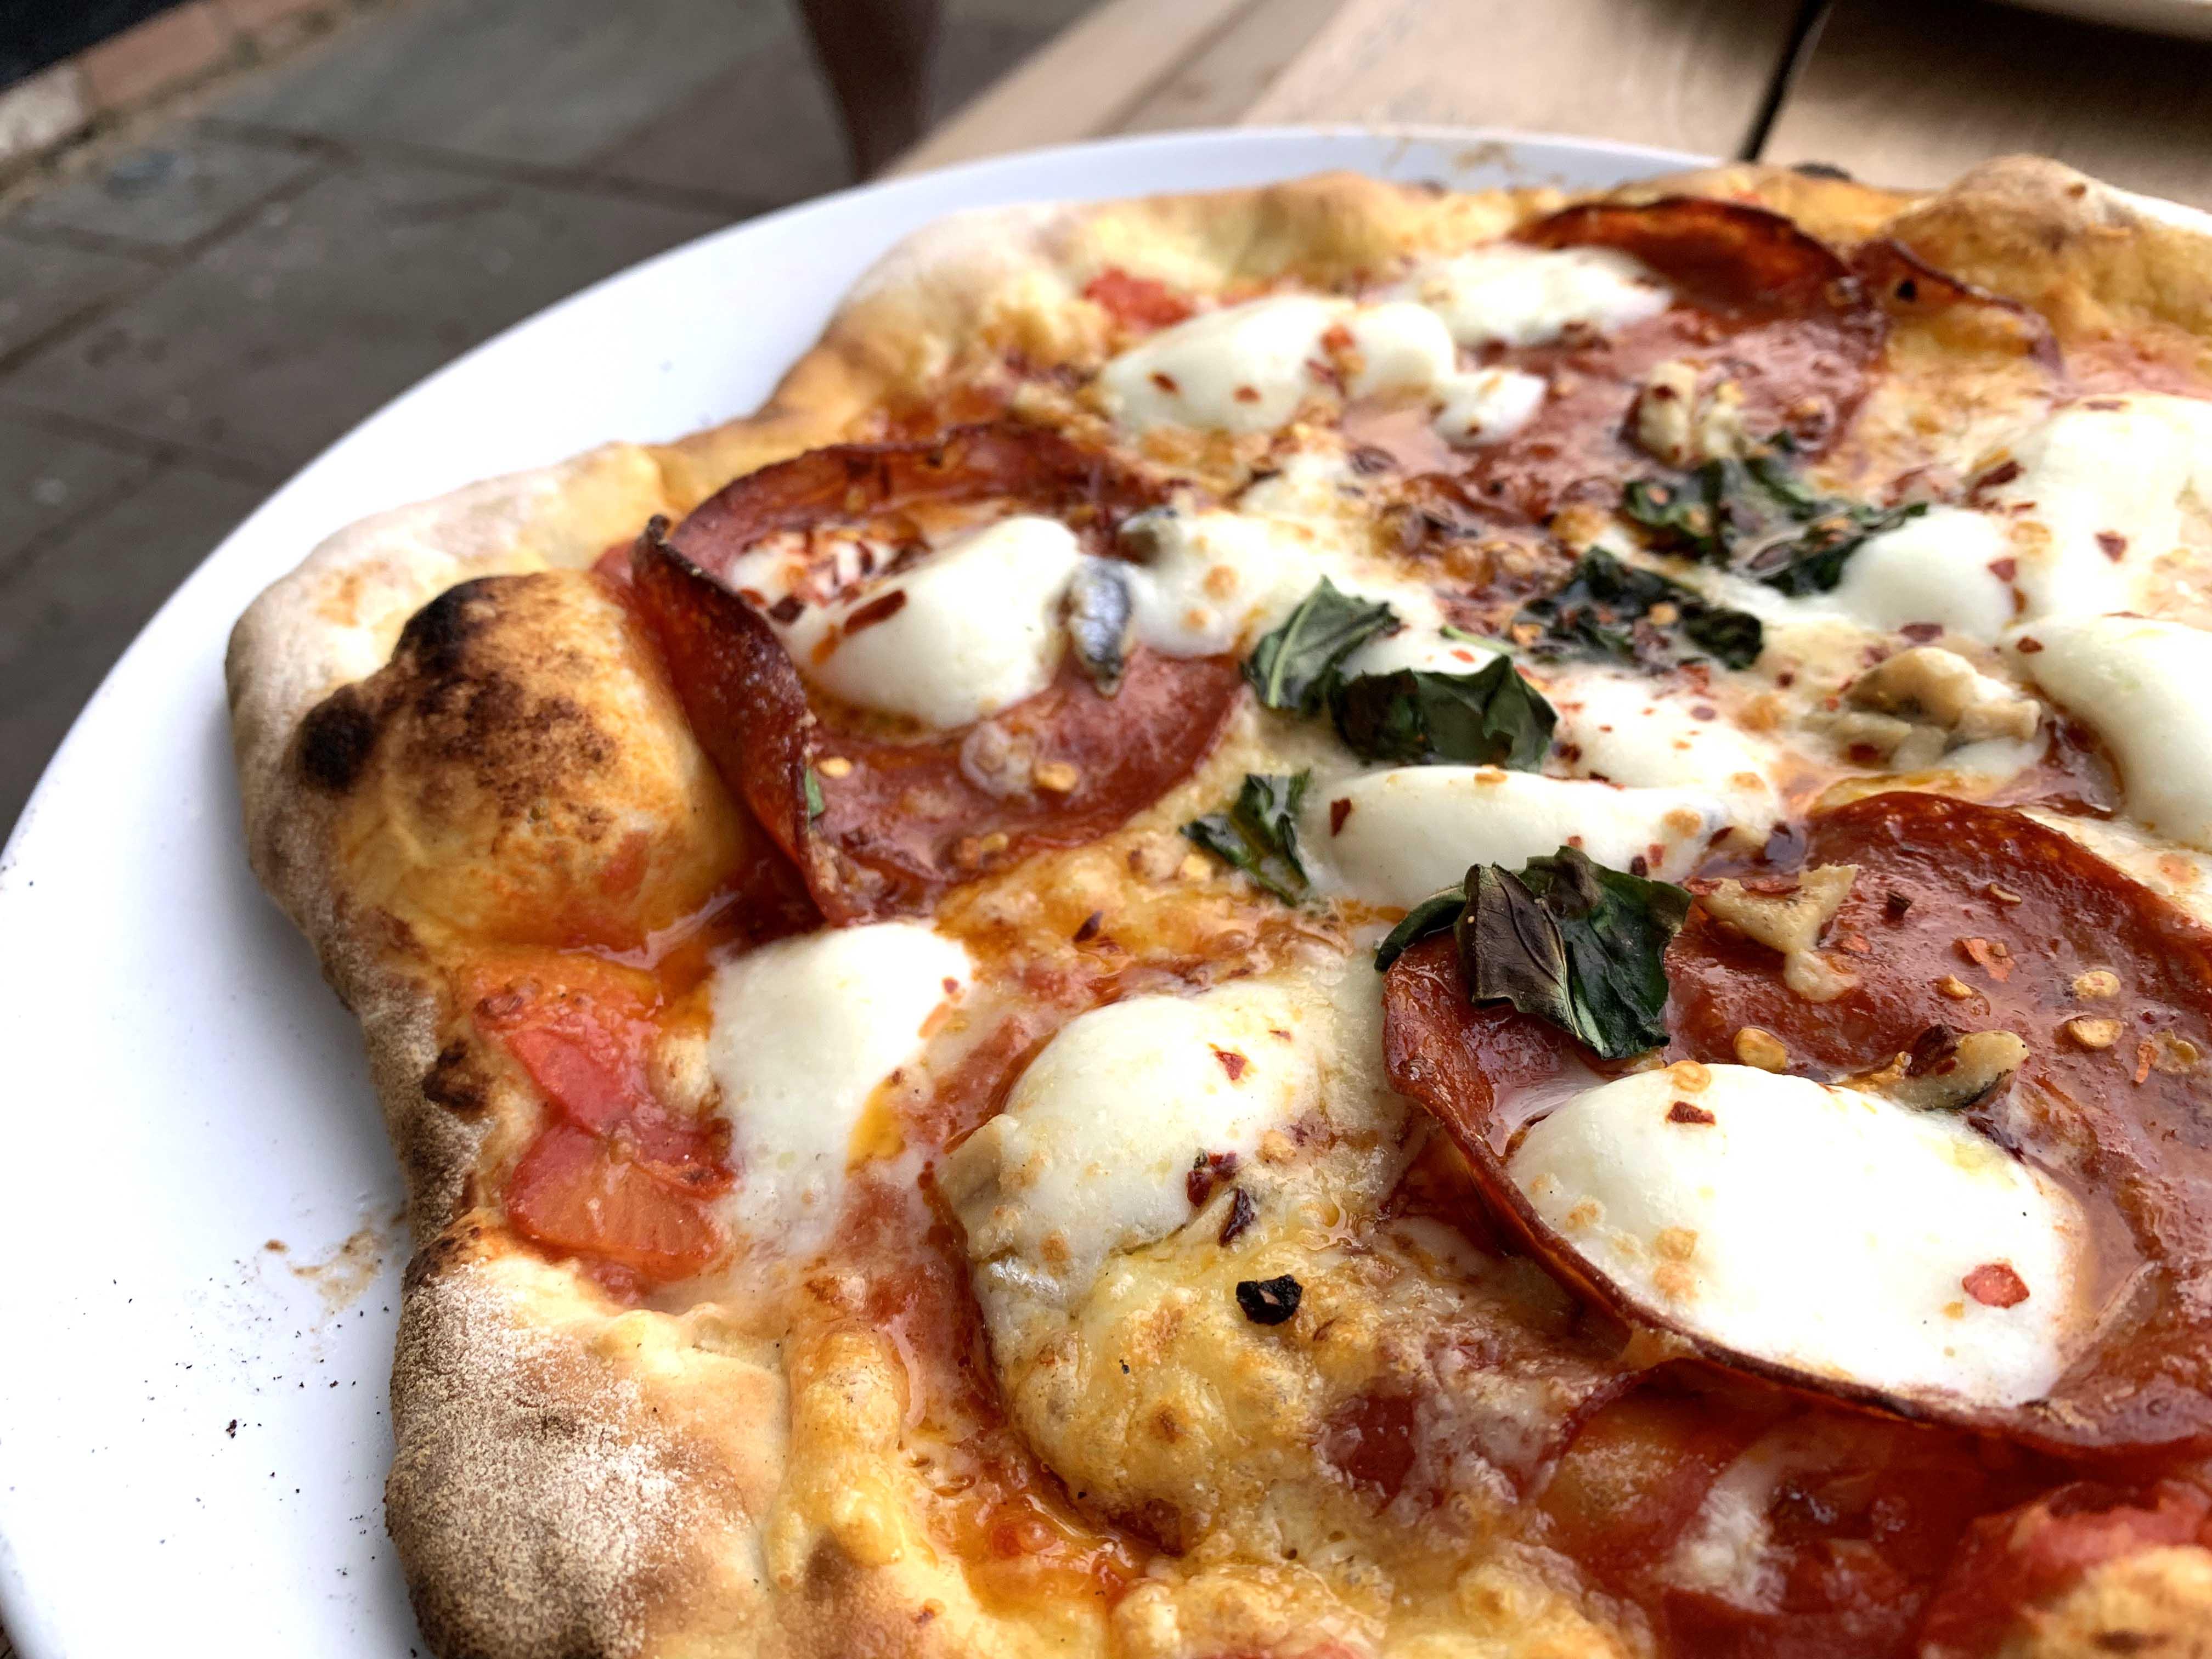 Igneus Classico Pizza Oven - Pizza!